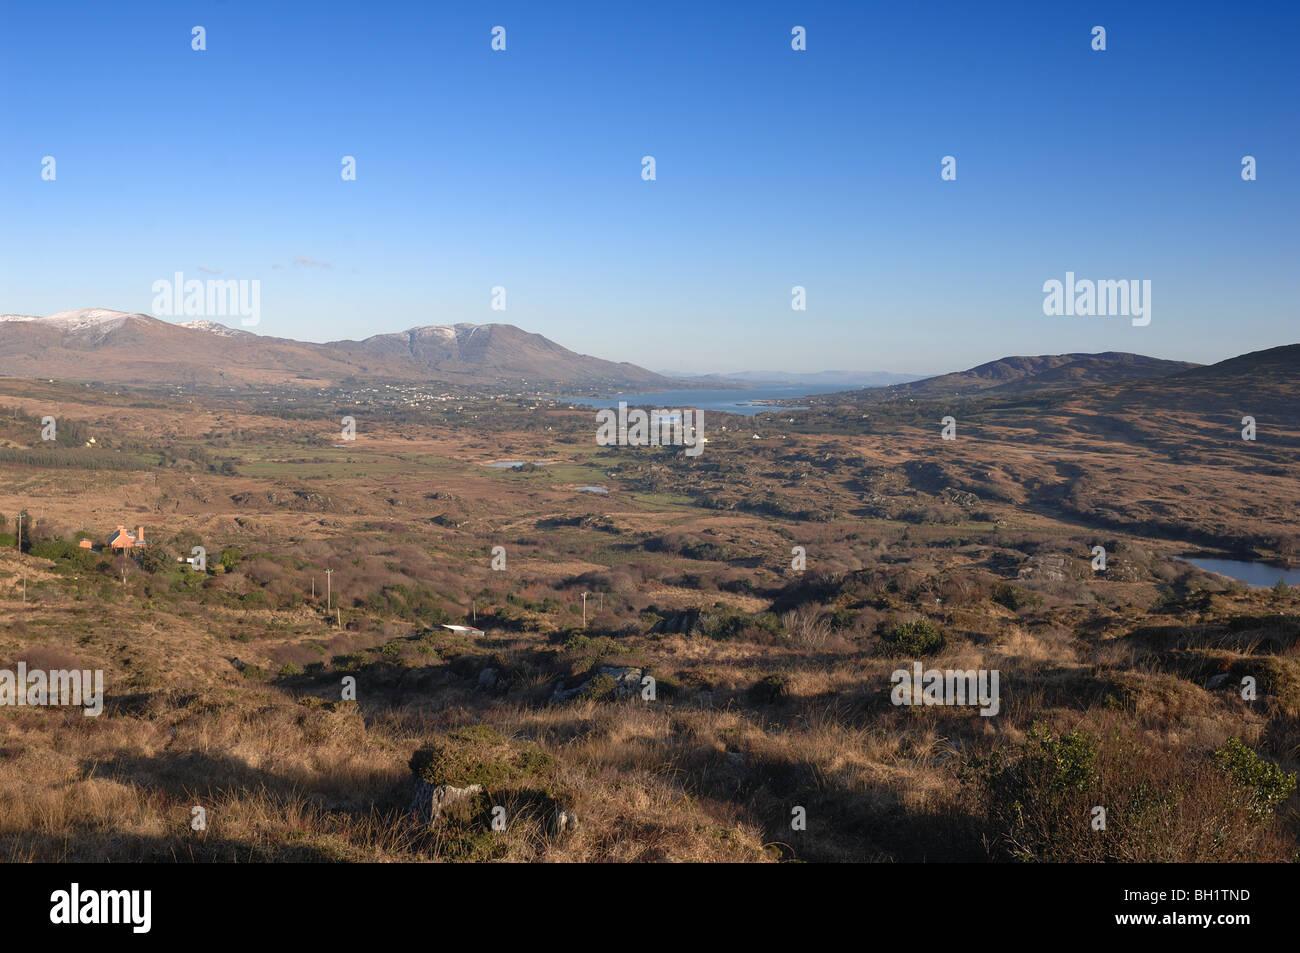 Bantry Bay, Ireland - Stock Image